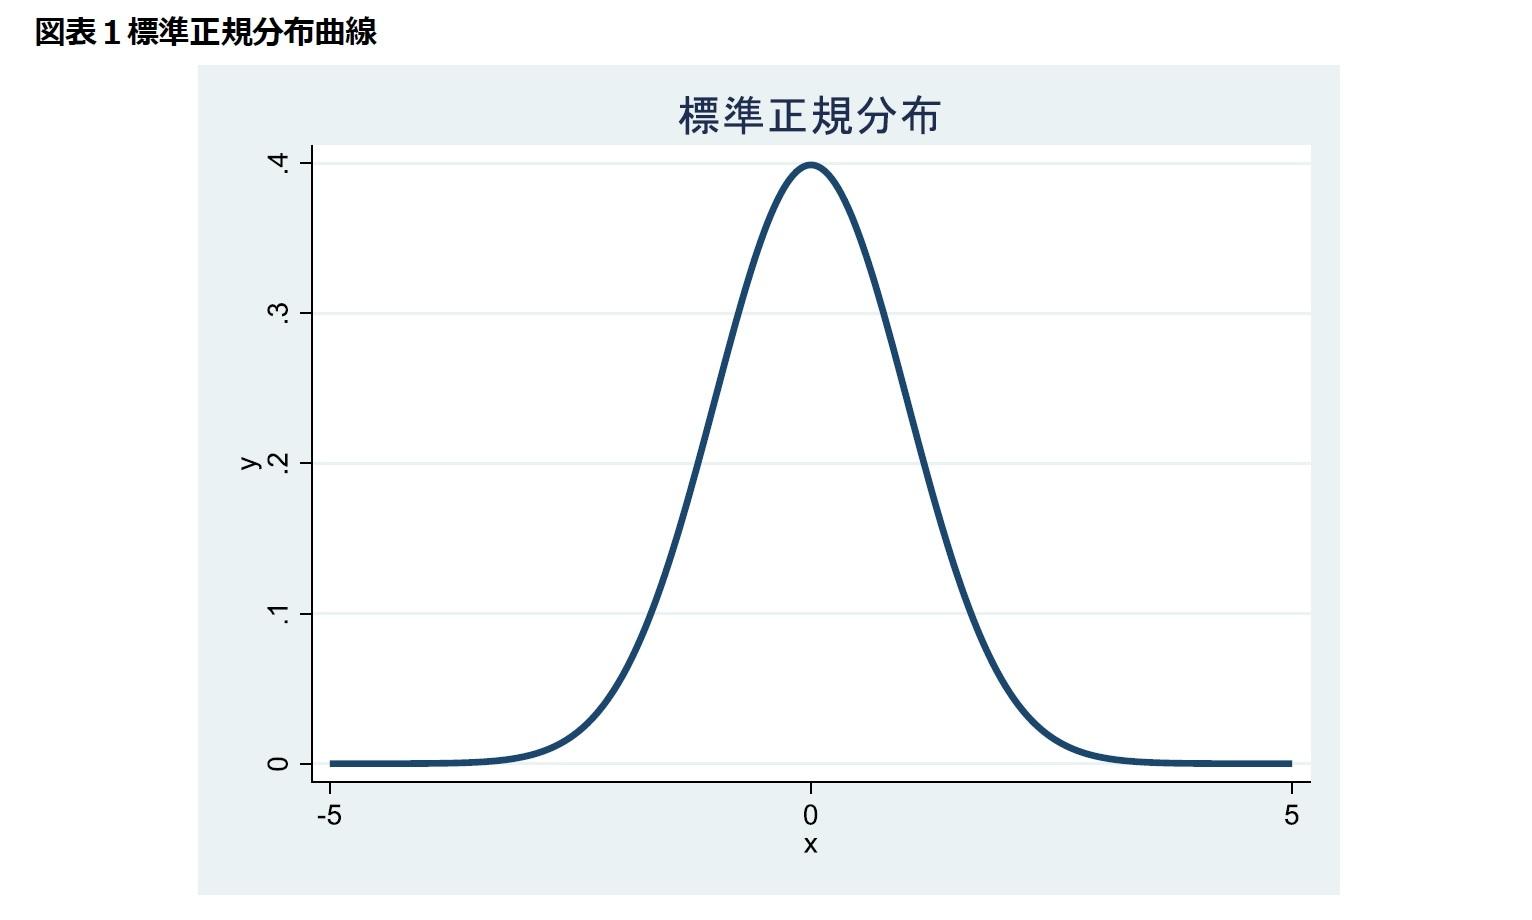 図表1標準正規分布曲線